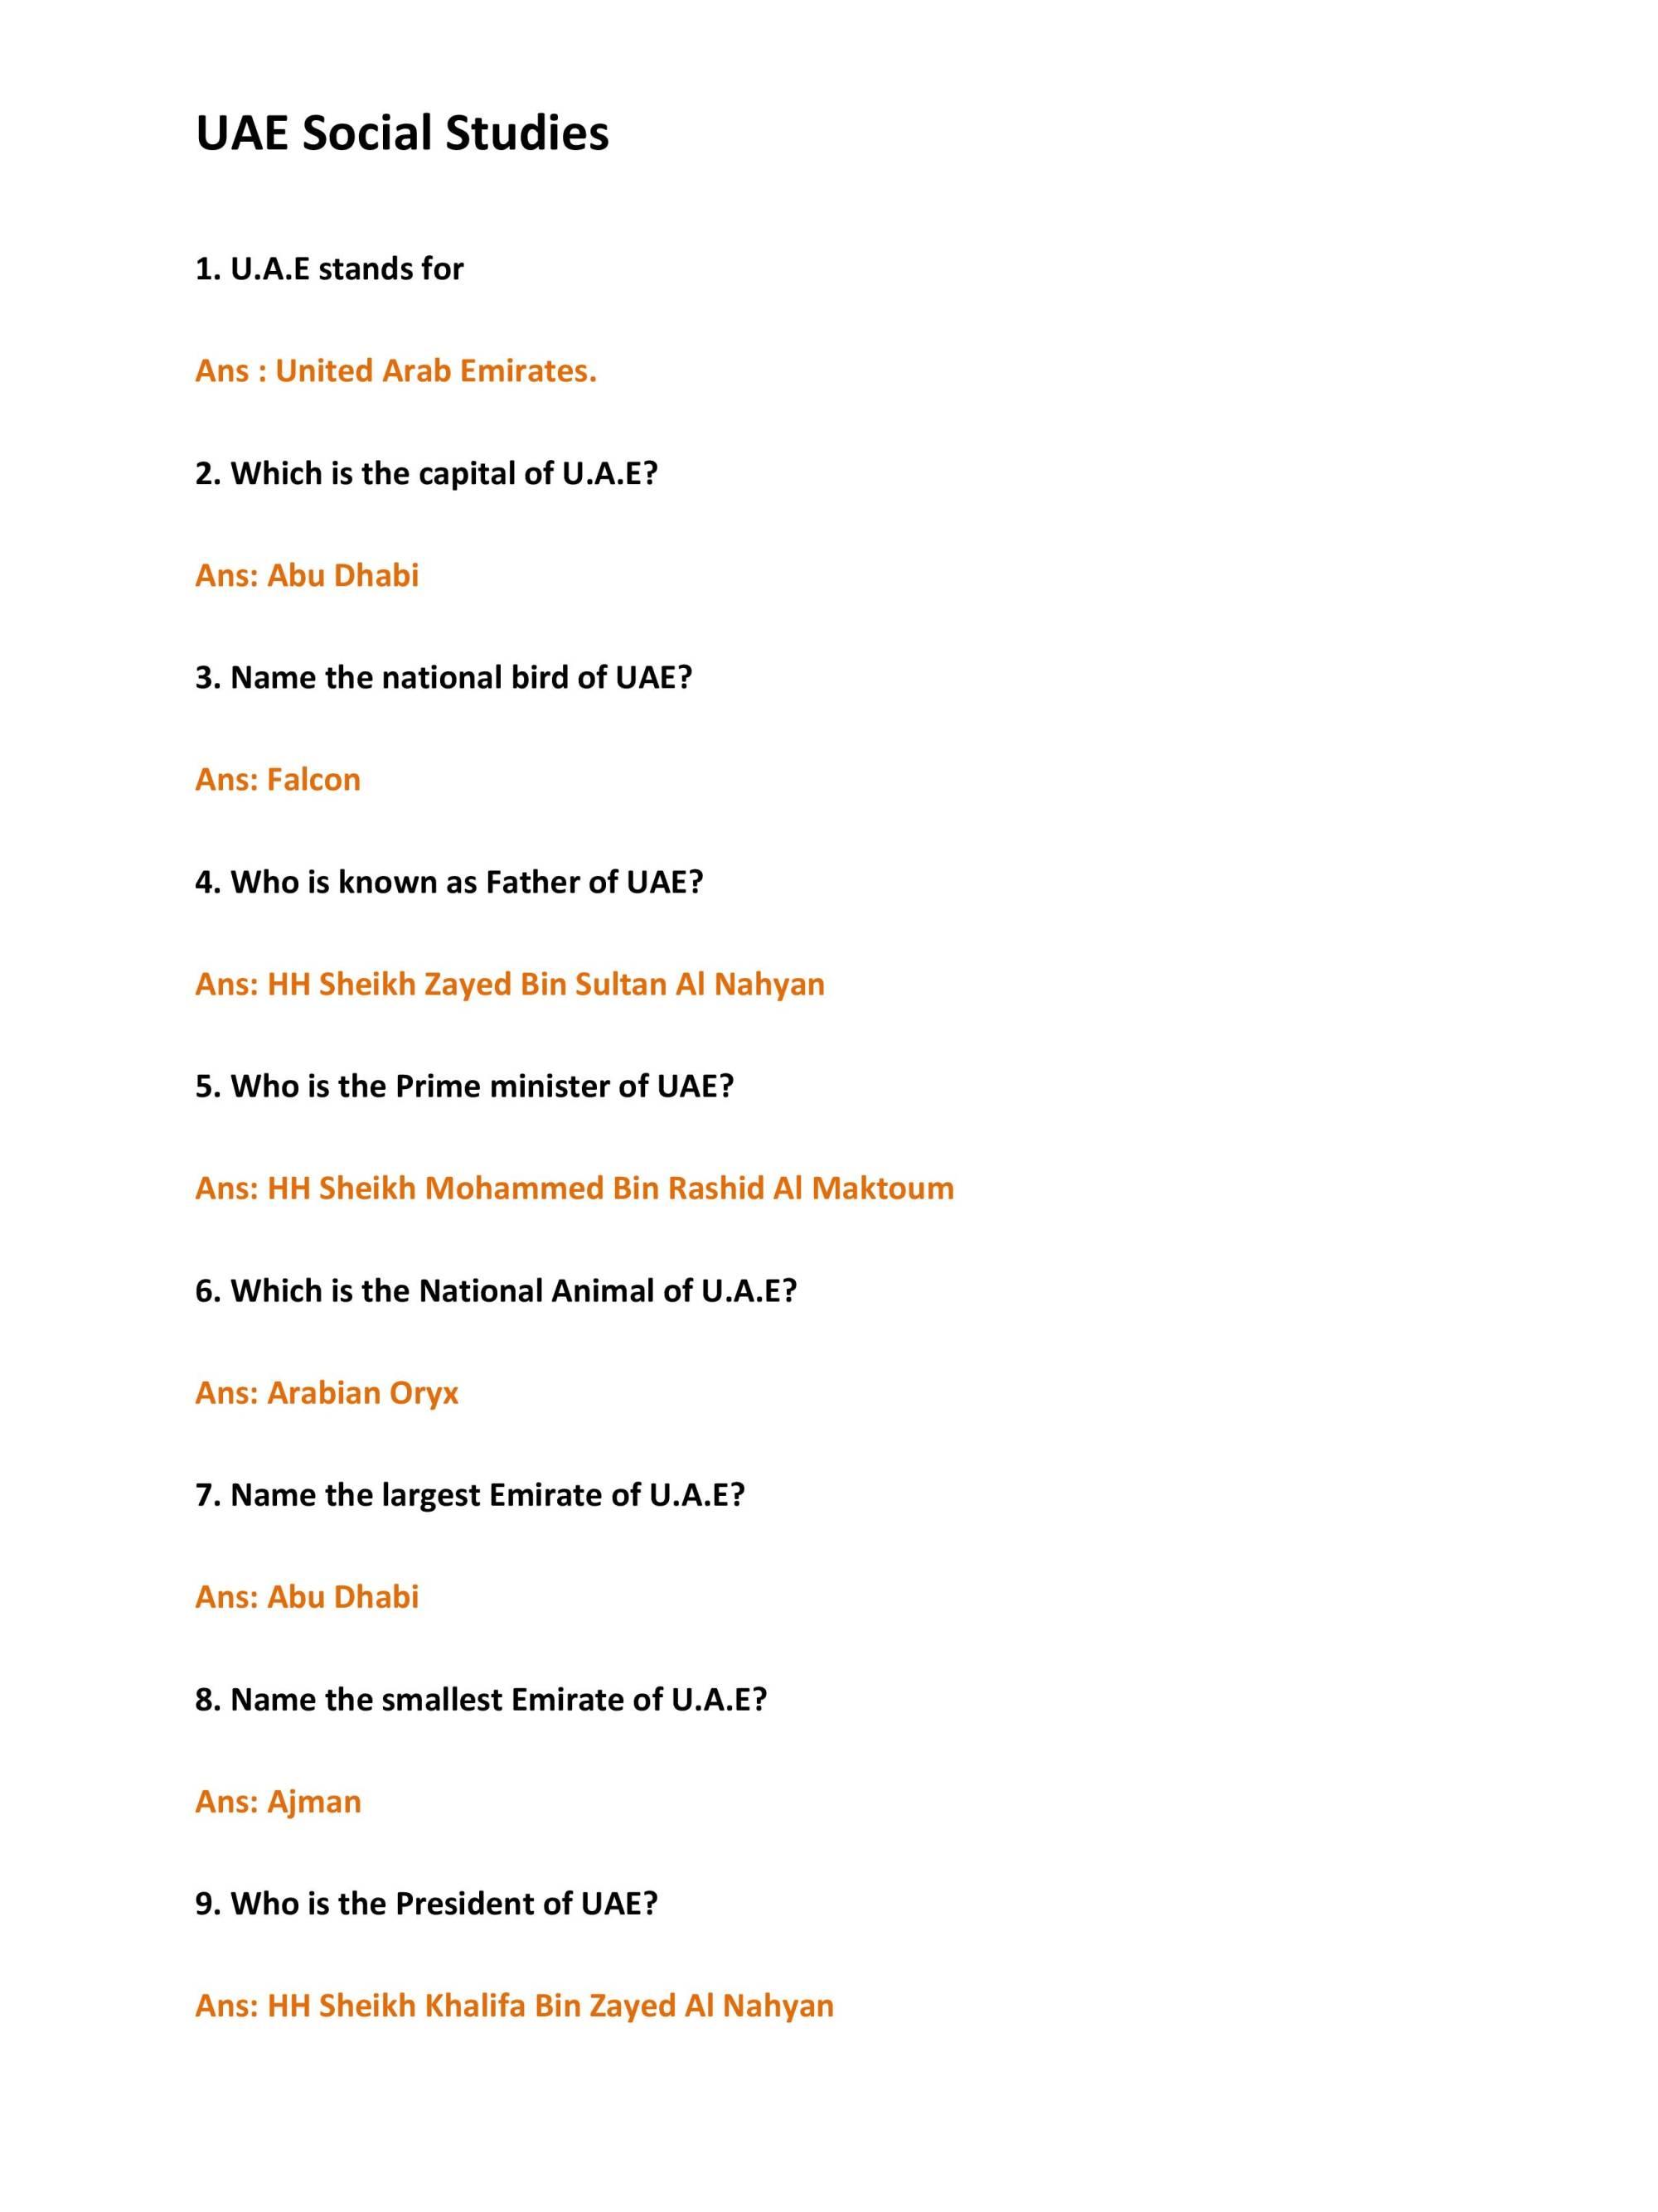 hight resolution of Arabic UAE Social Studies Worksheet - Notes